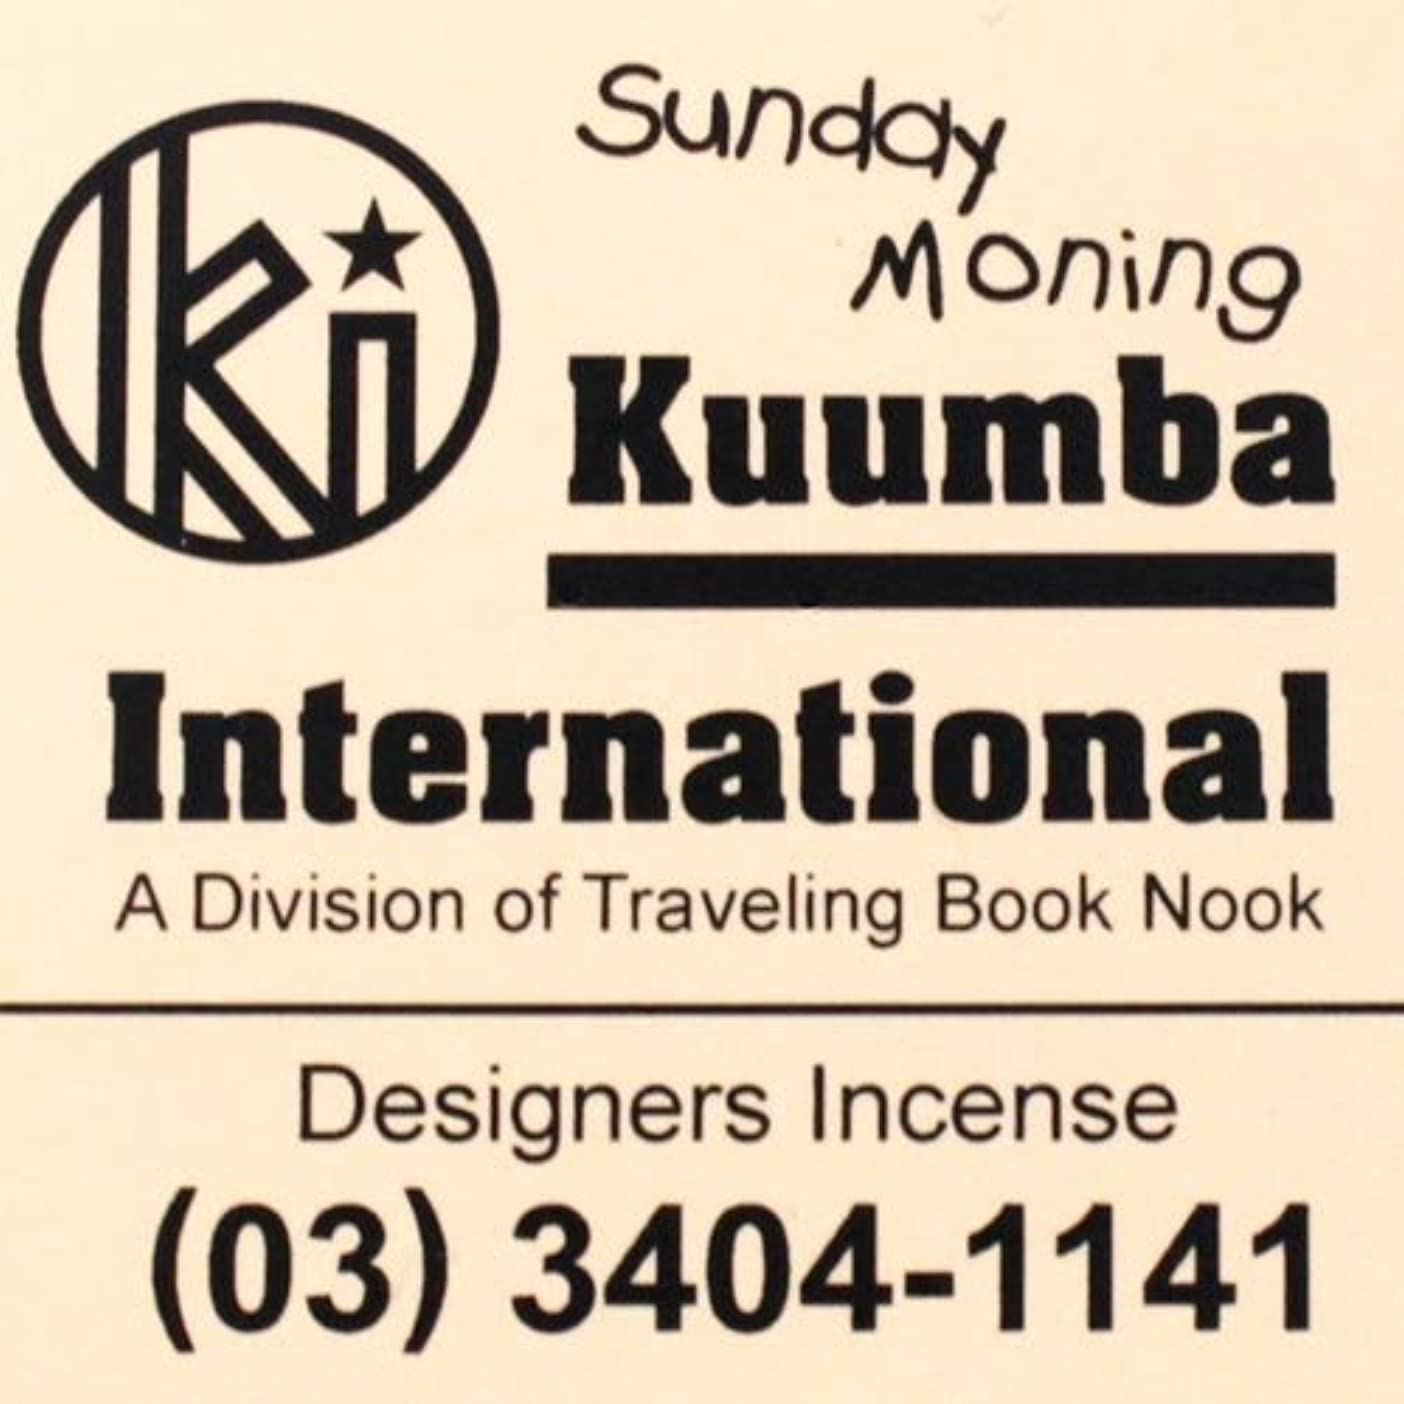 ダーツ文献無関心(クンバ) KUUMBA『incense』(Sunday Morning) (Regular size)